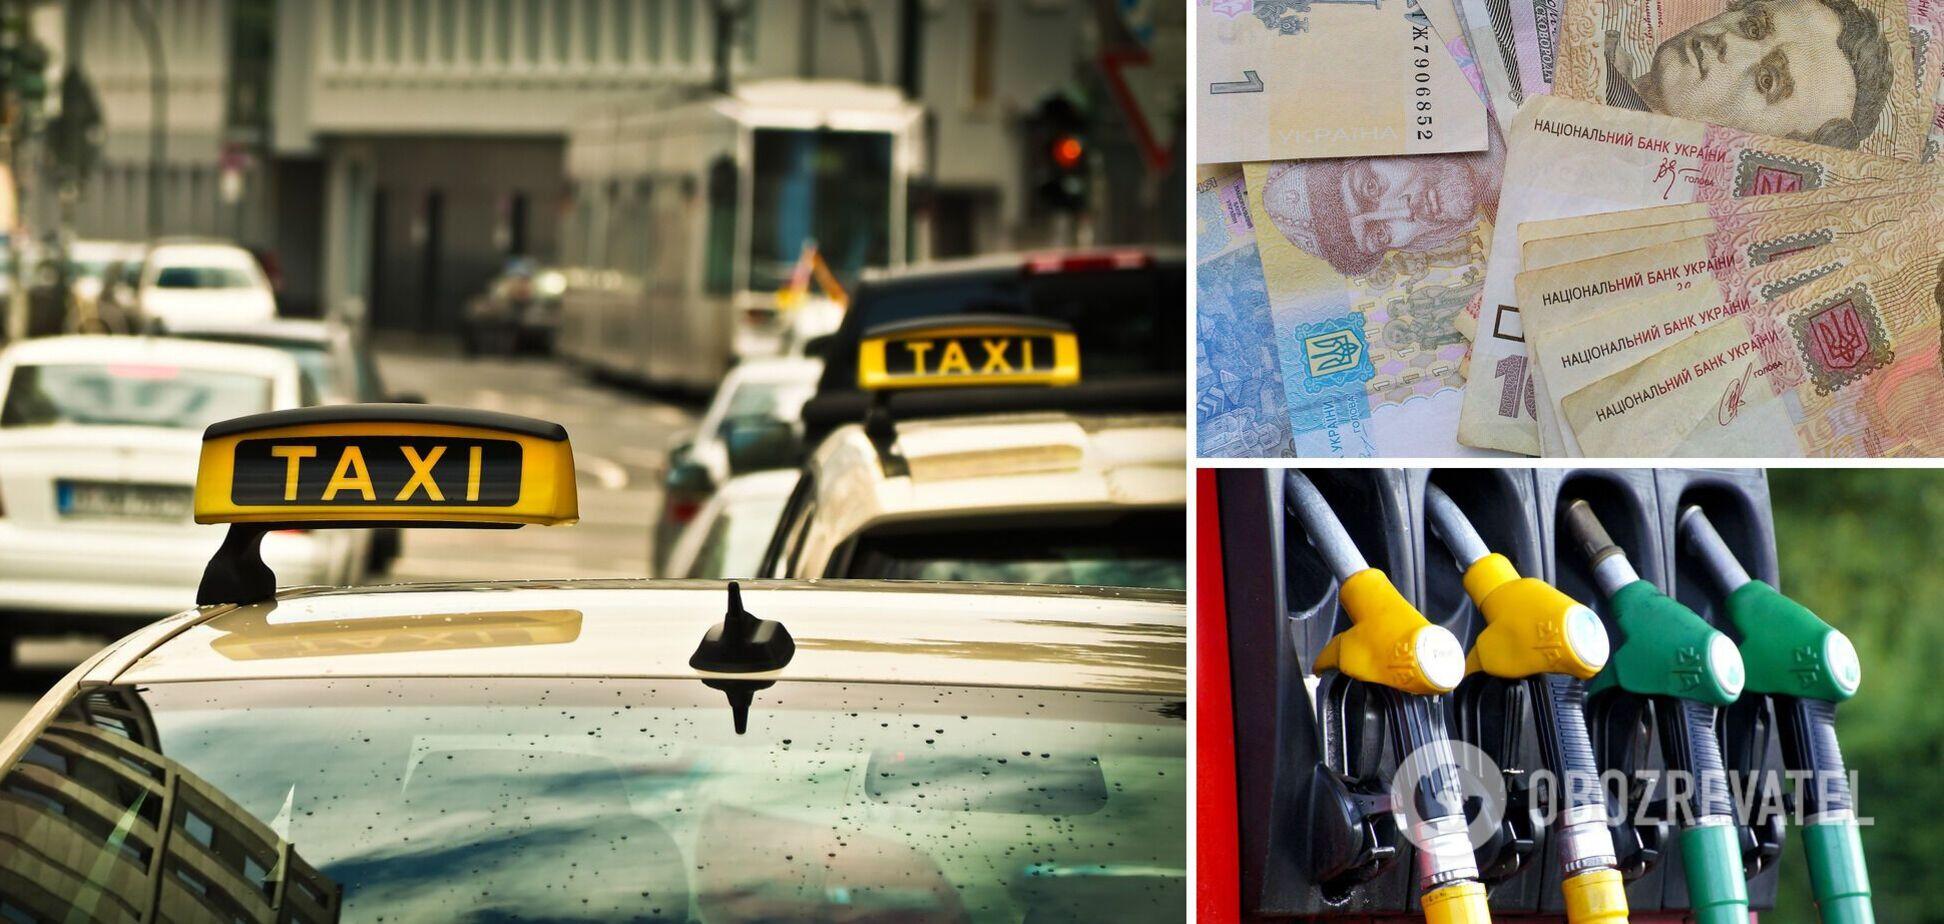 Ціни на таксі в Україні злетіли